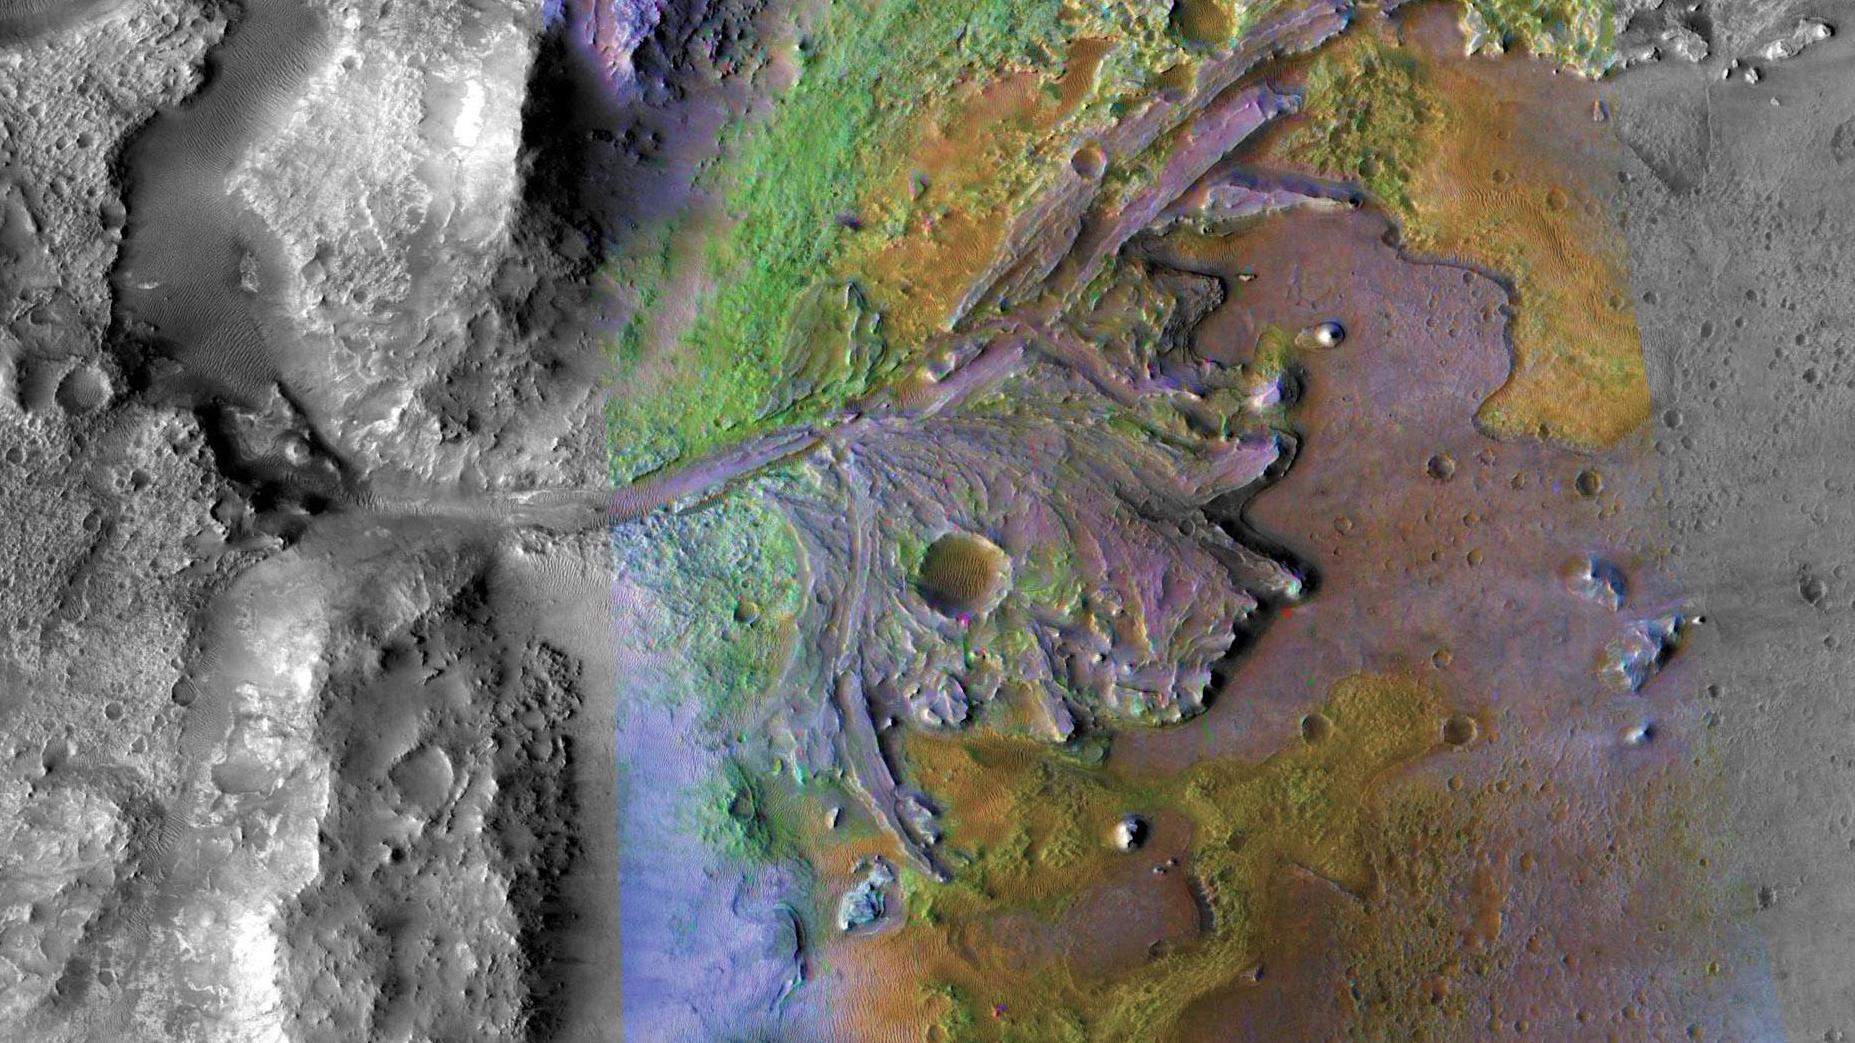 Mars 2020 de la NASA atterrira dans le cratère de Jezero, illustré ici.  L'image a été prise par des instruments sur Mars Reconnaissance Orbiter de la NASA, qui prend régulièrement des images de sites d'atterrissage potentiels pour de futures missions.